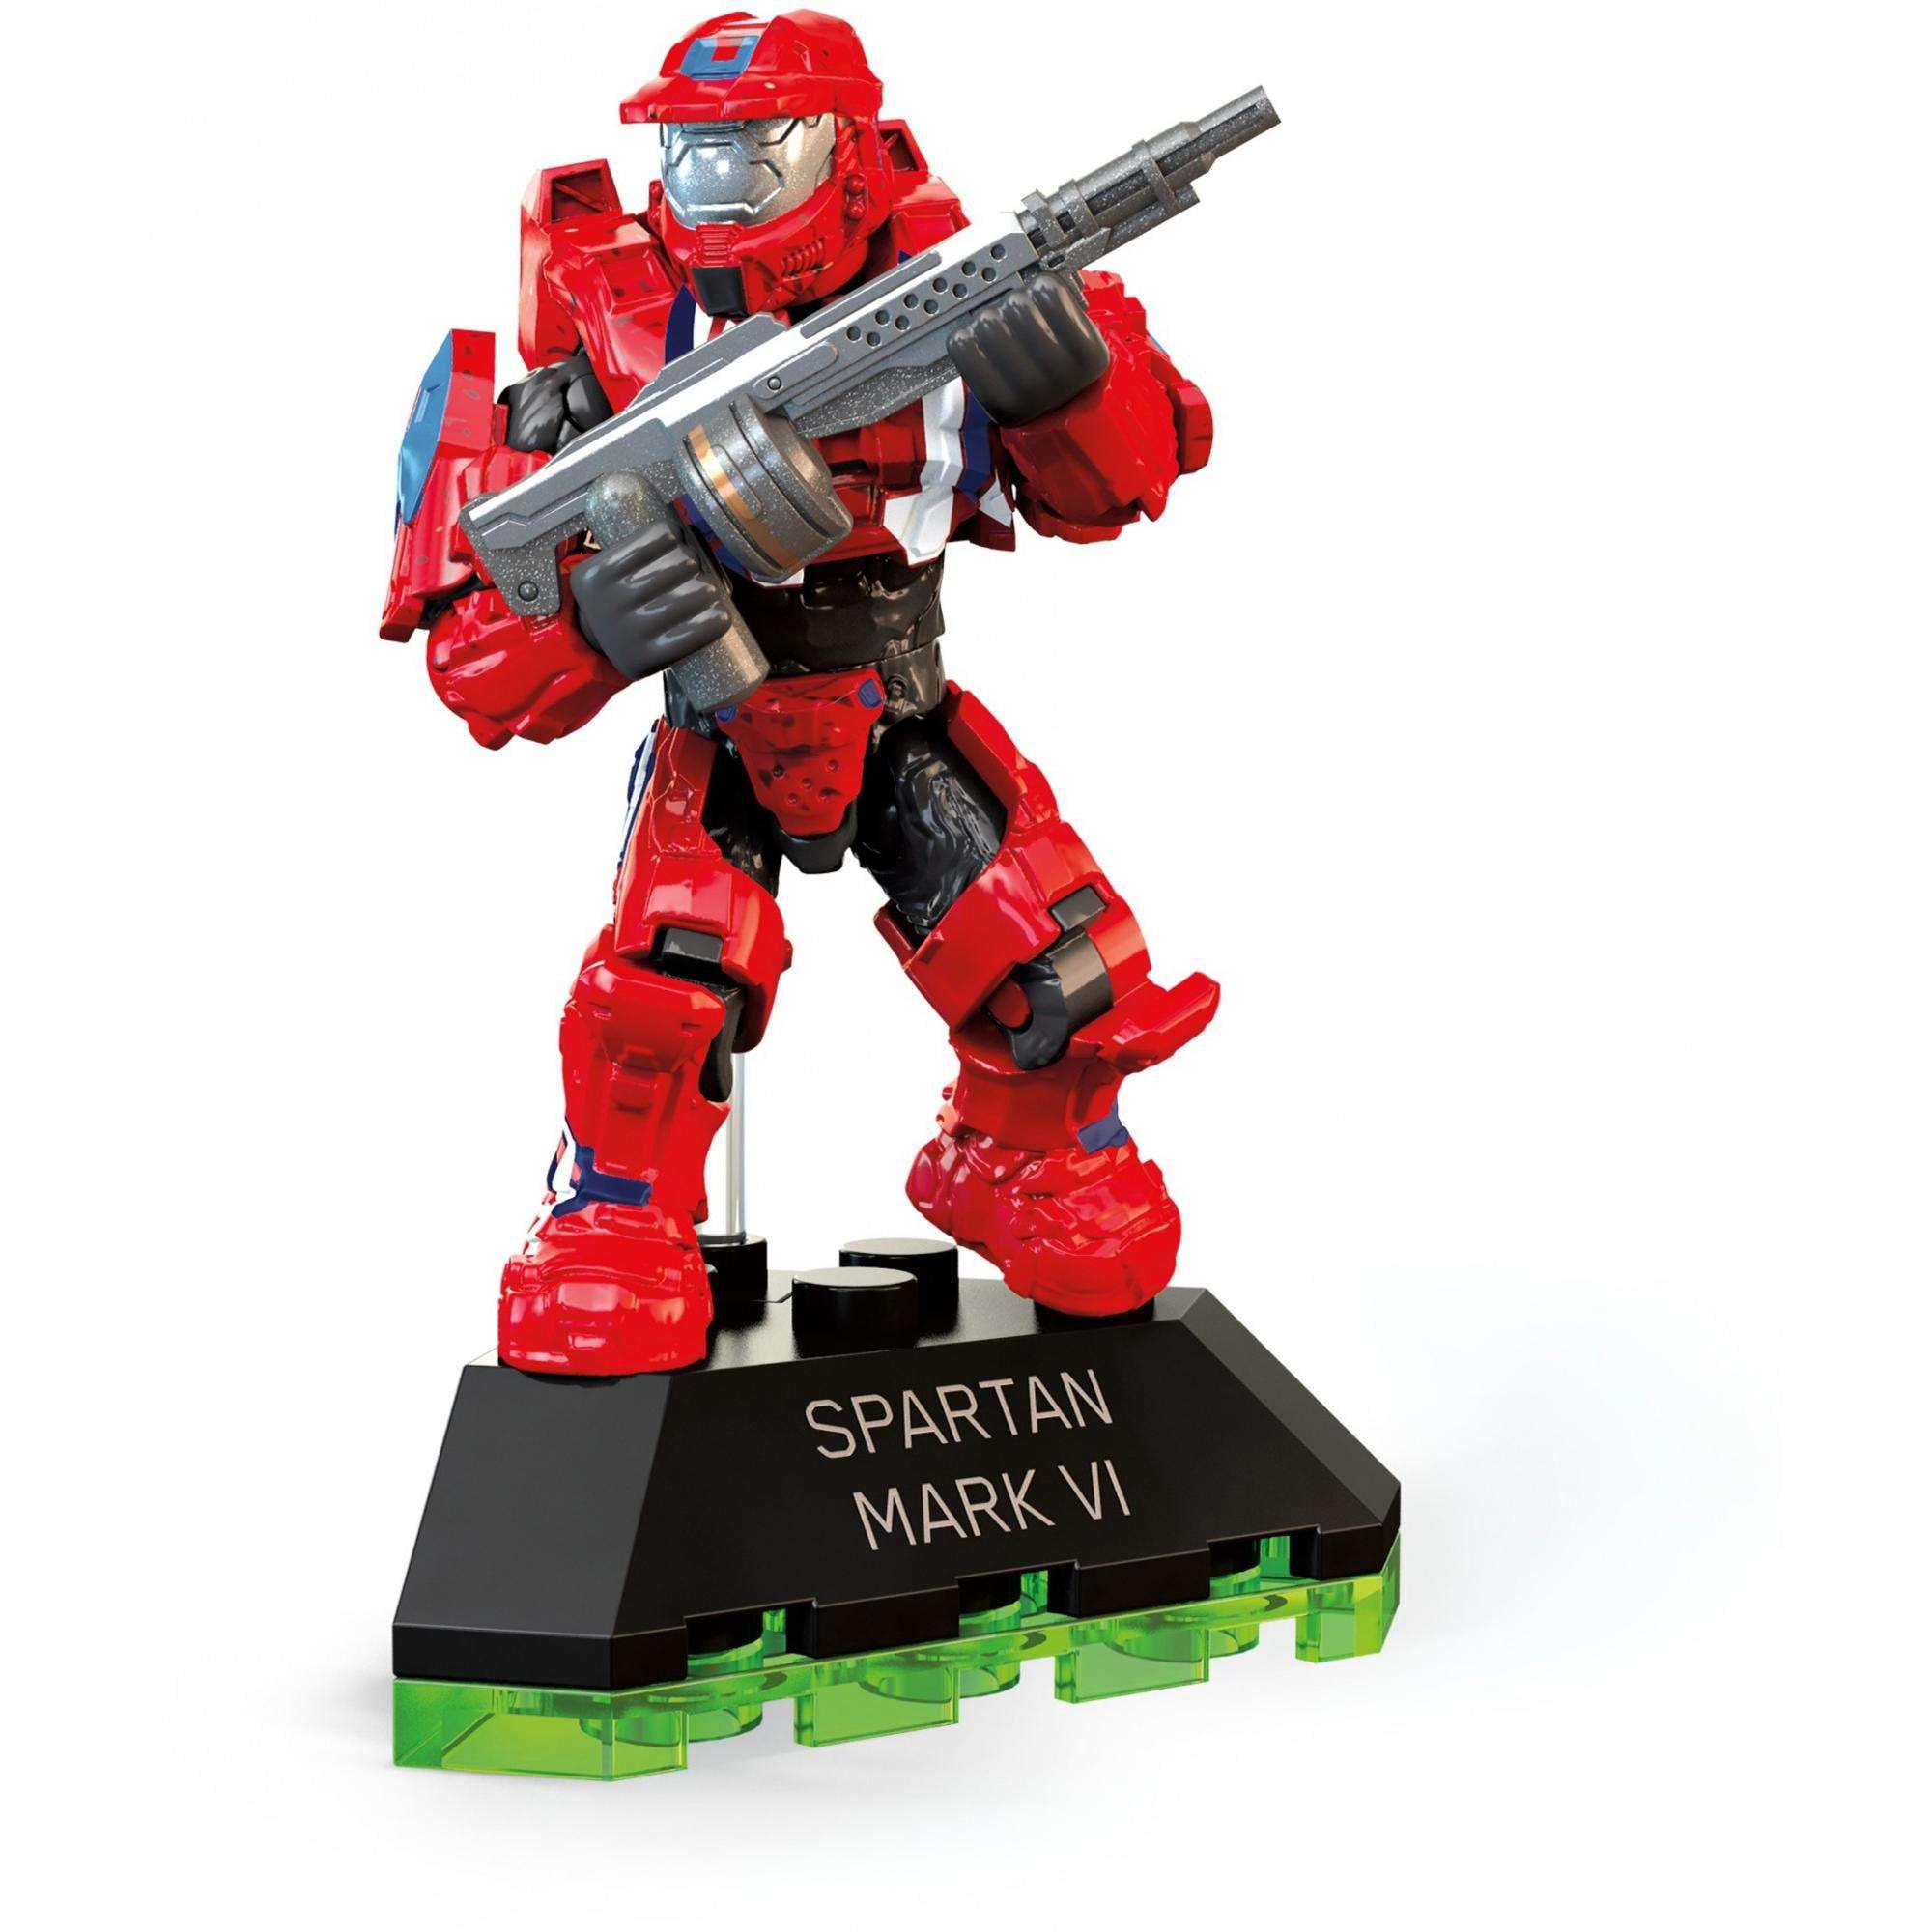 Lego Halo Spartan Decals